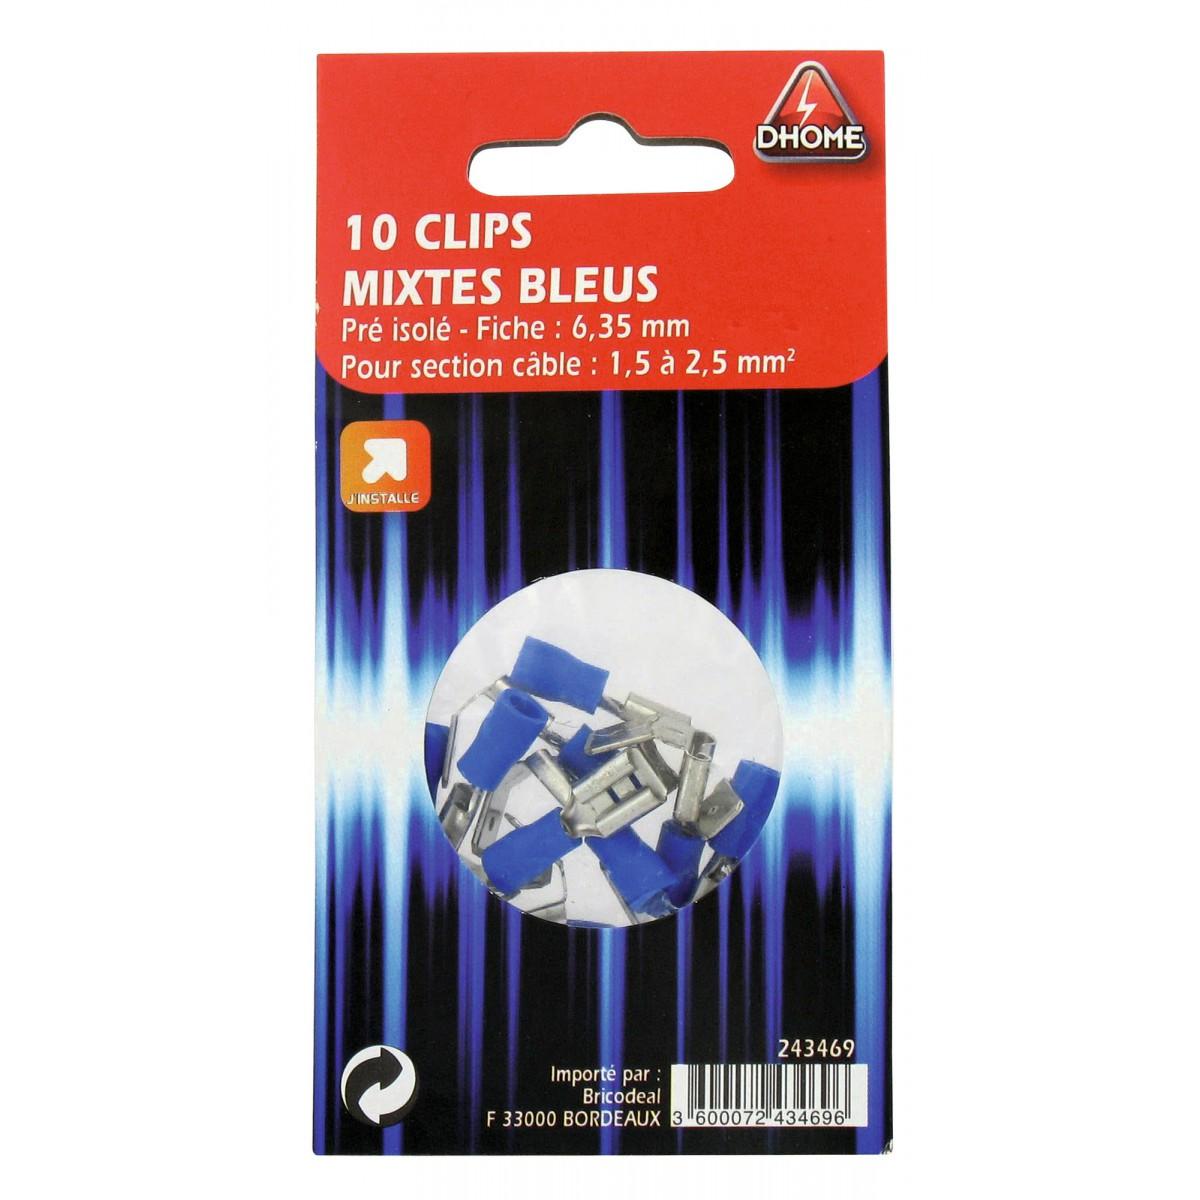 Clip mixte pré isolé Dhome - Bleue - Diamètre 6,35 mm - Vendu par 10